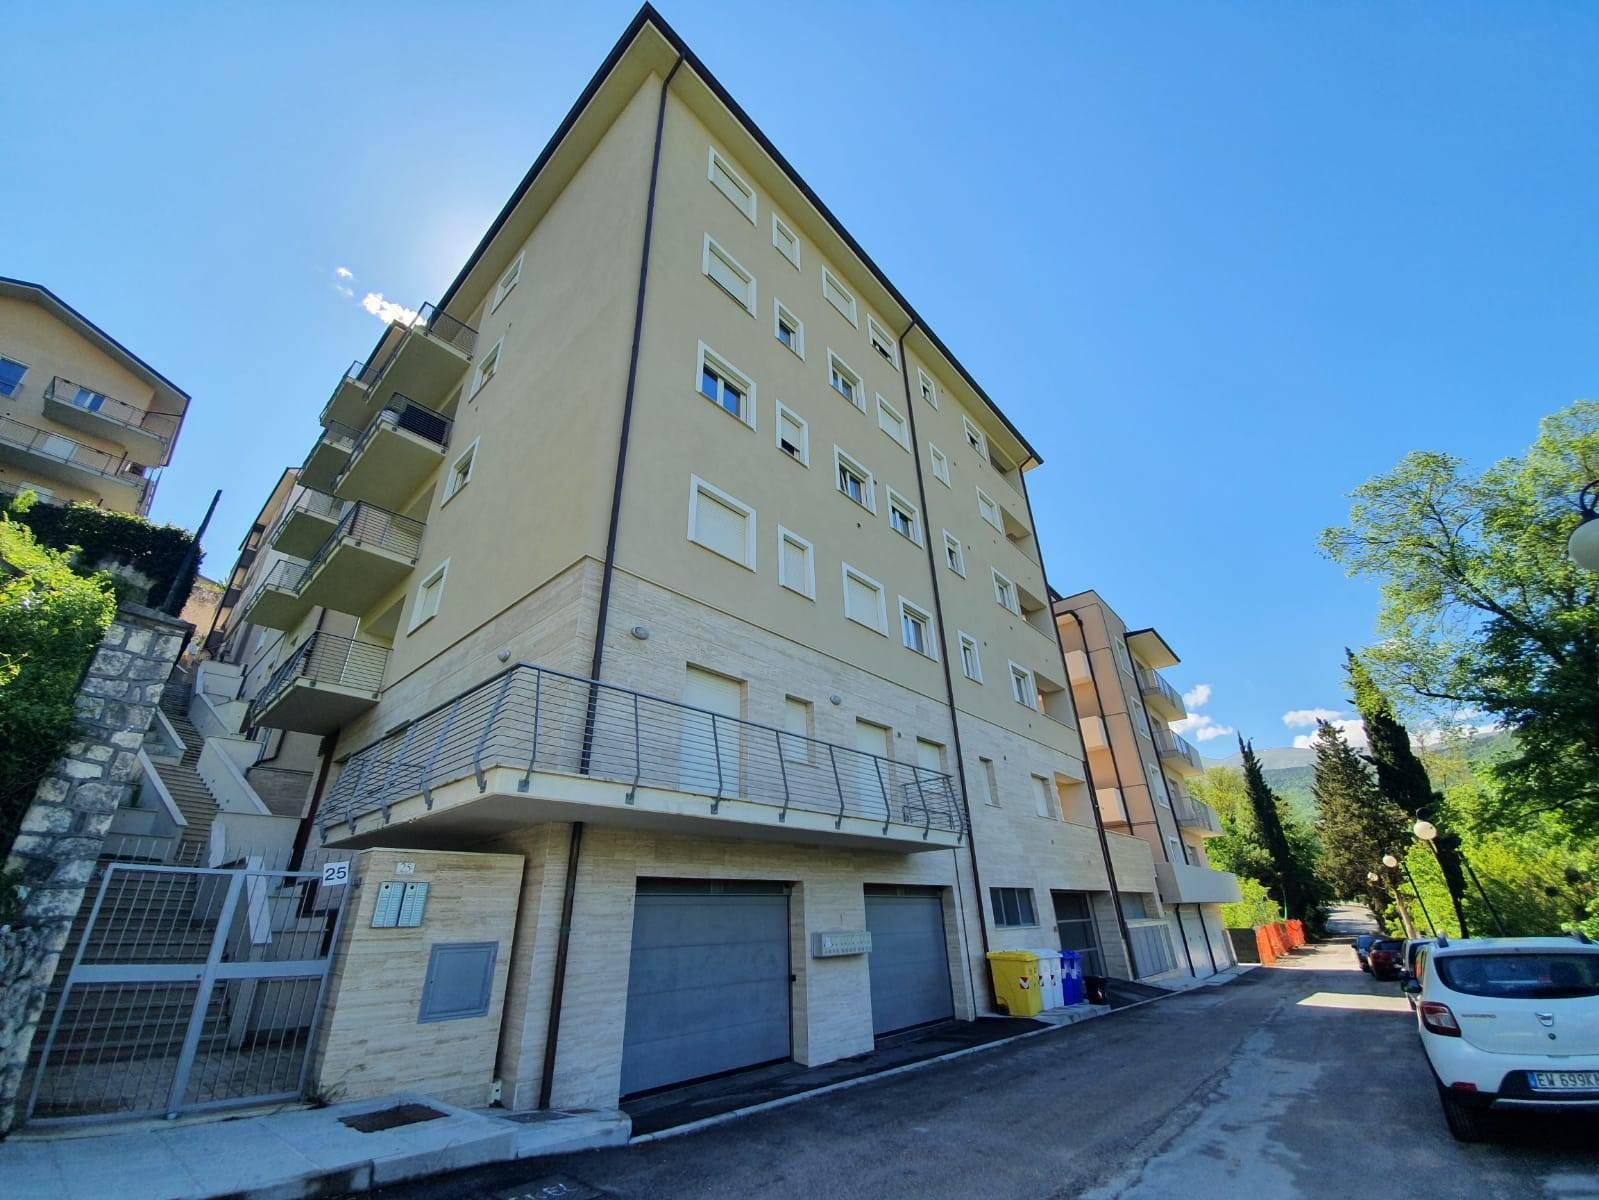 Appartamento in vendita a L'Aquila, 3 locali, zona Località: VillaComunale, prezzo € 158.000 | PortaleAgenzieImmobiliari.it